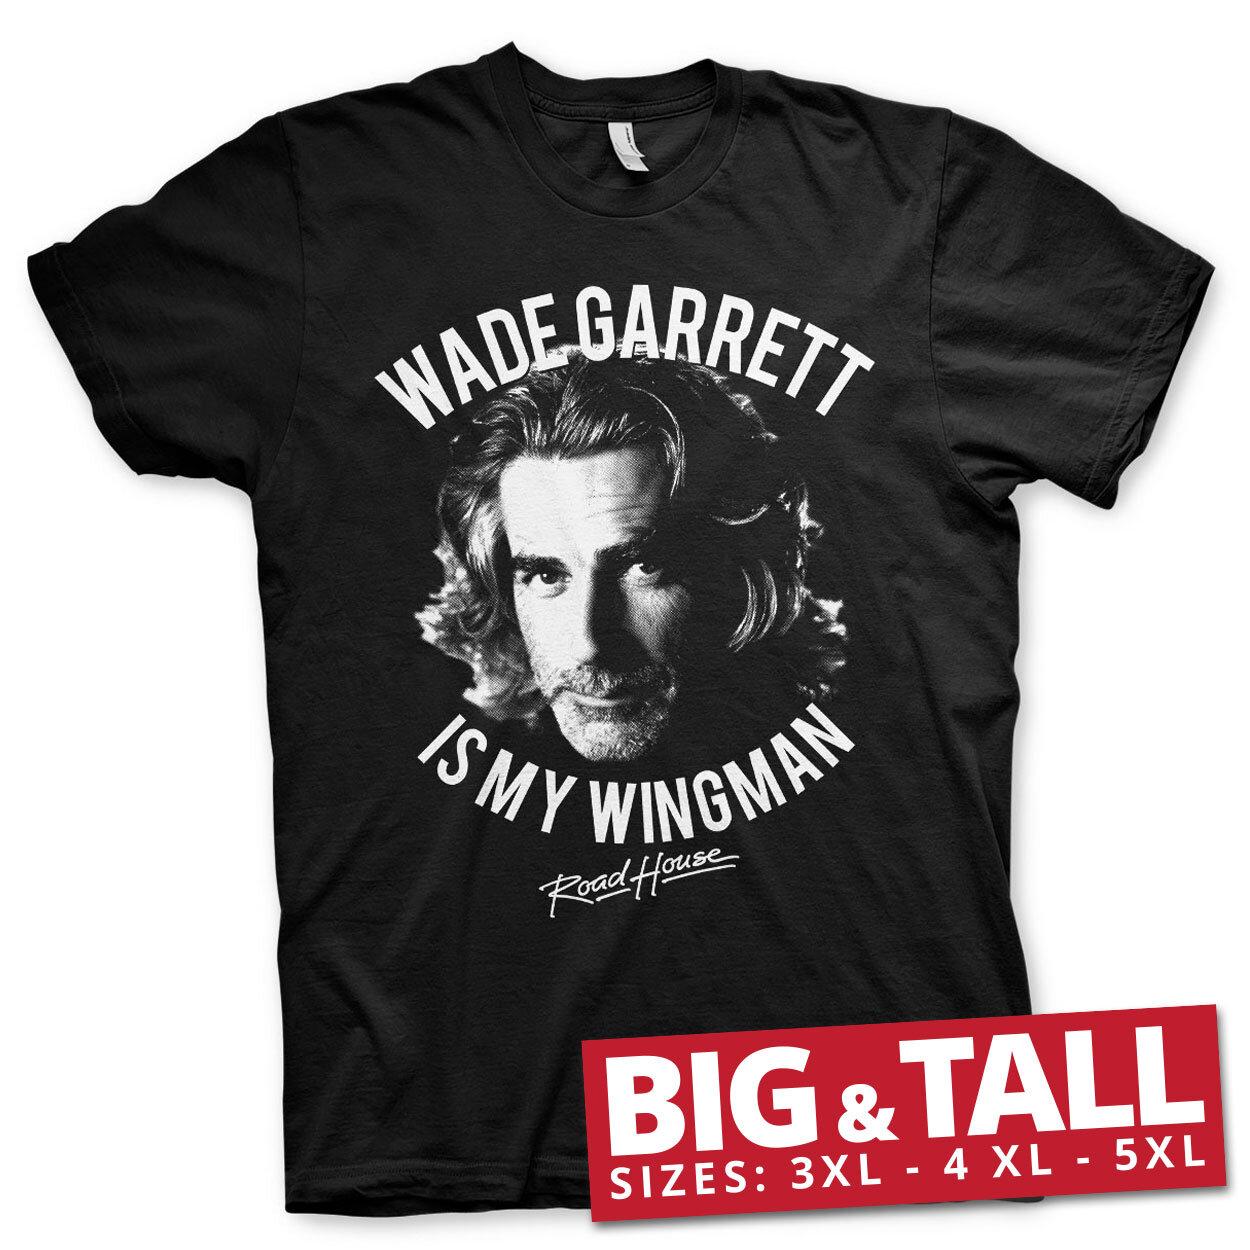 Wade Garrett Is My Wingman Big & Tall T-Shirt